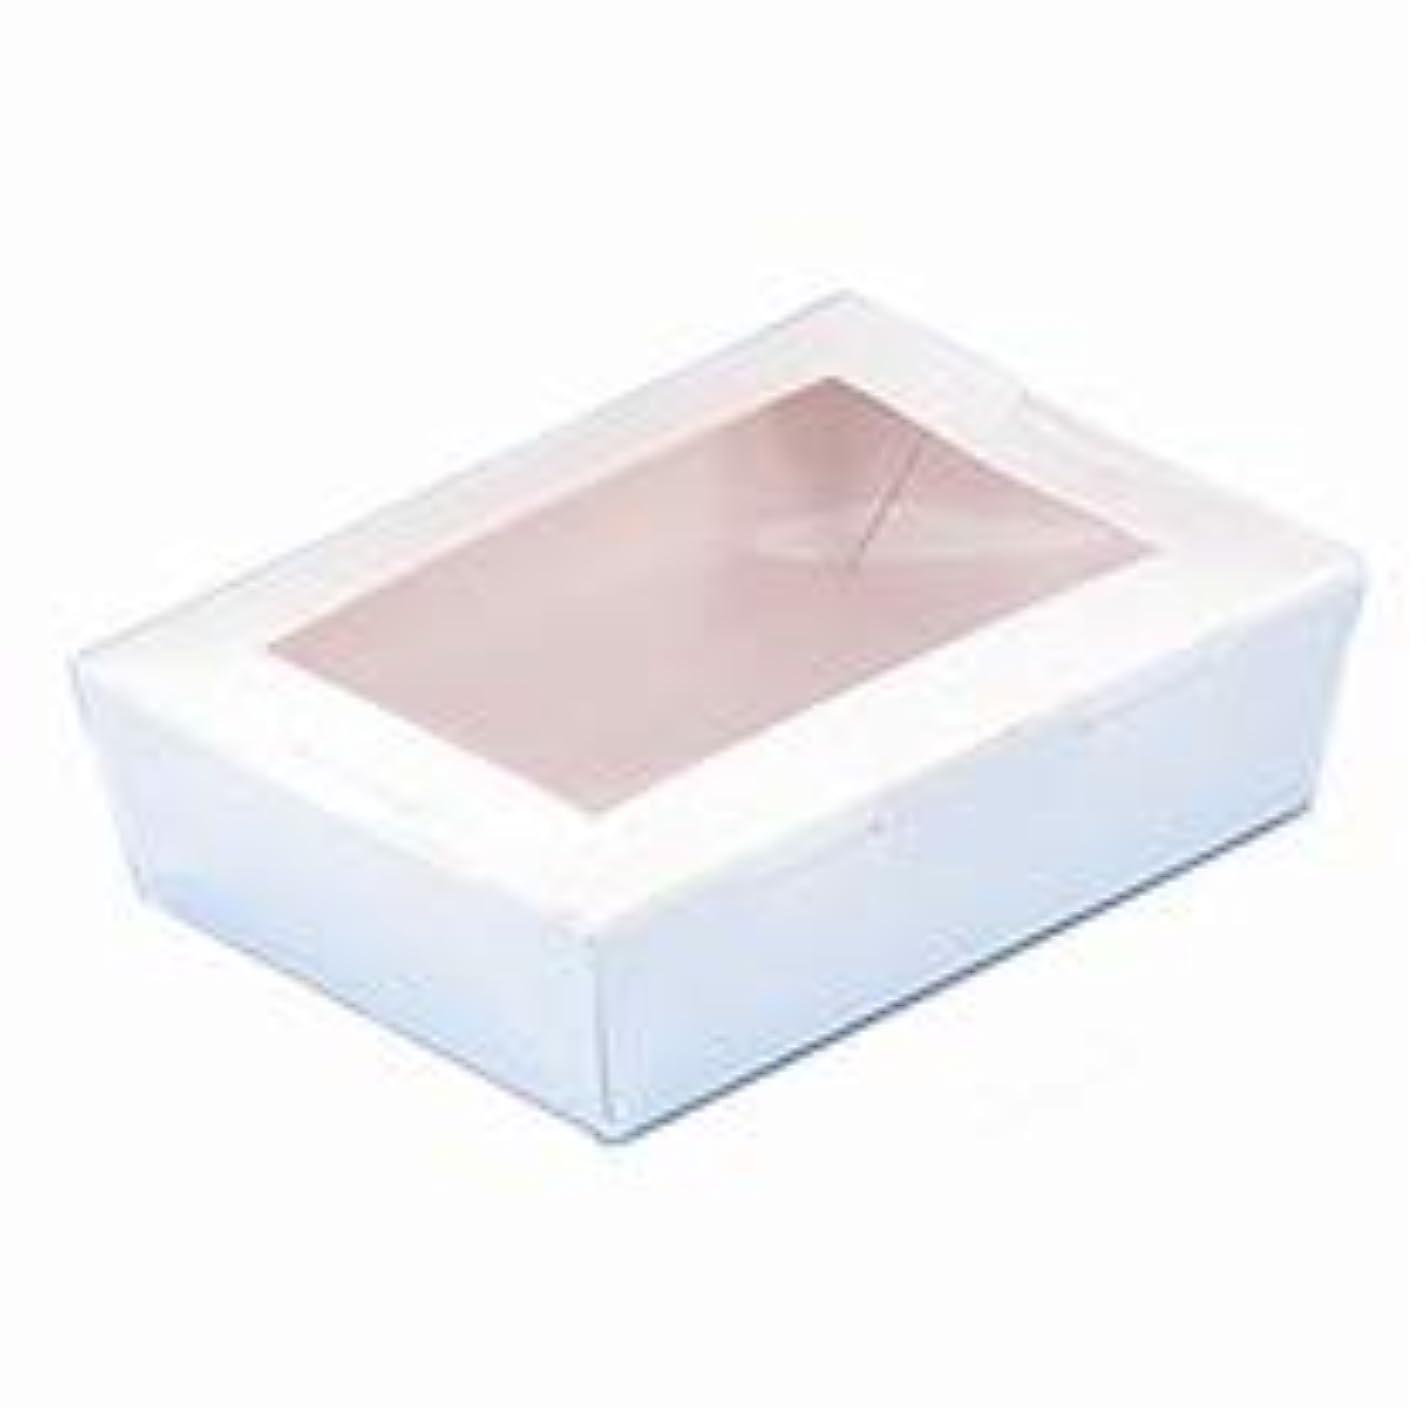 ヒギンズ構築する発表する手作り石けん用 窓付きペーパーモールド XSサイズ ホワイト 1個